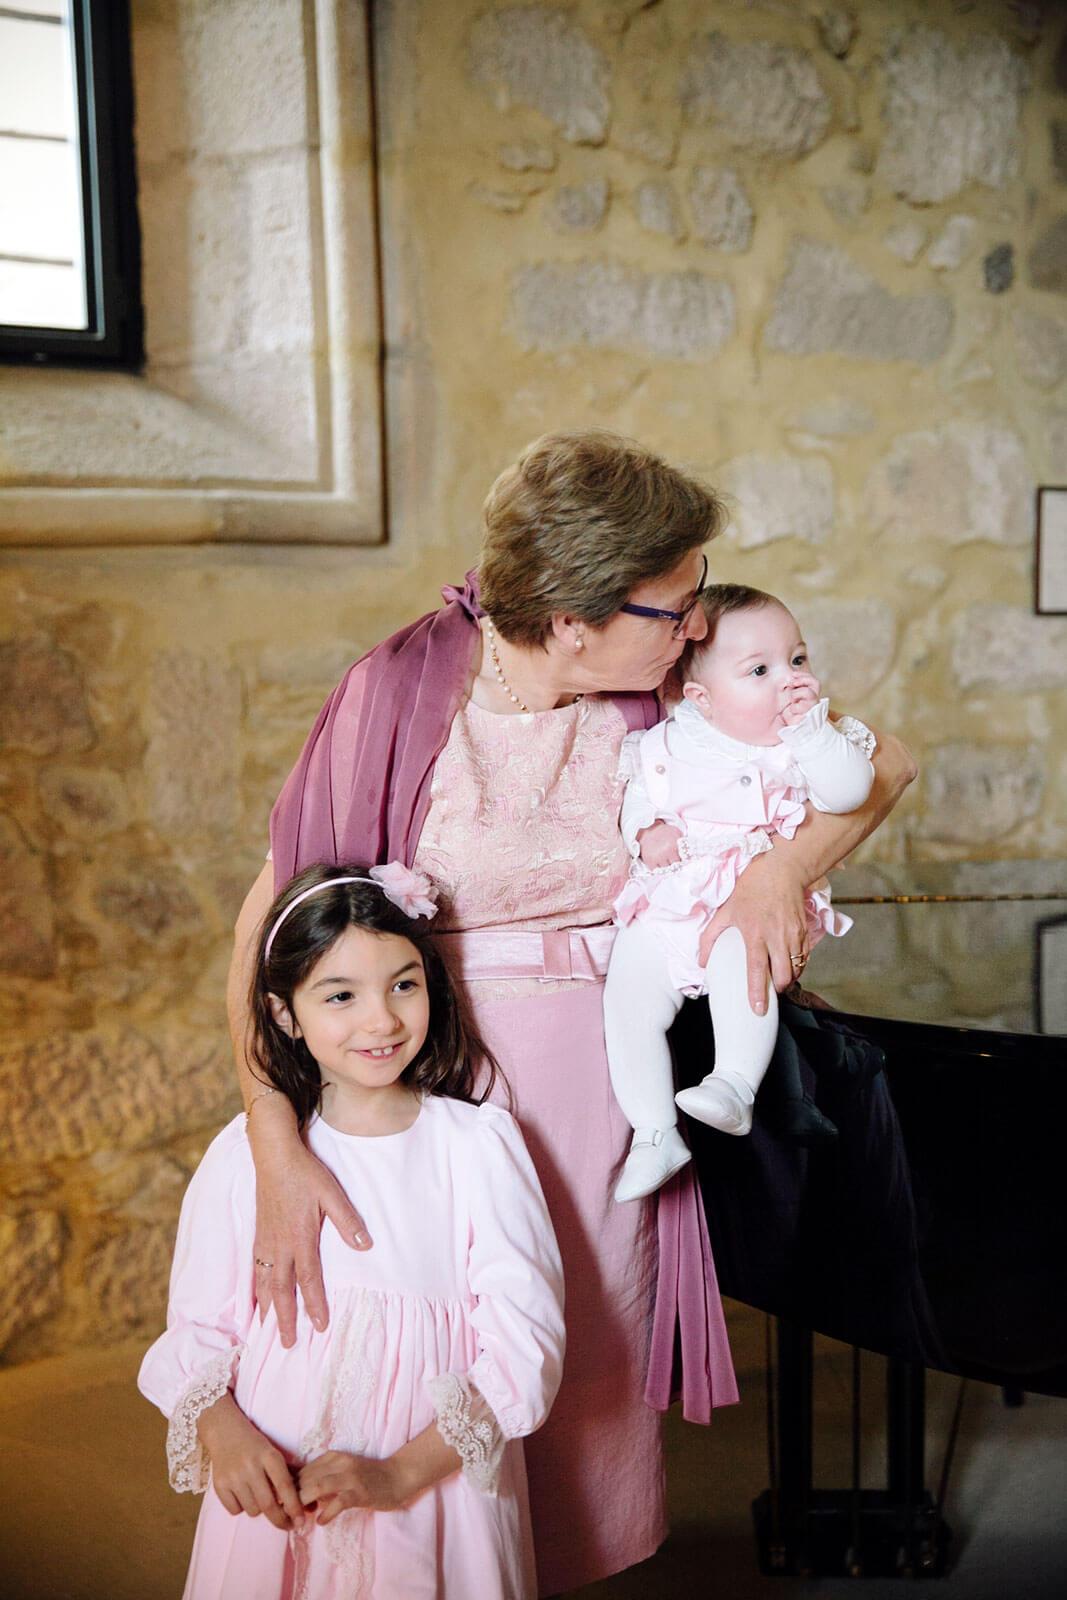 Avó e filhas da Rita Aleluia numa sala com paredes de pedra e um piano.